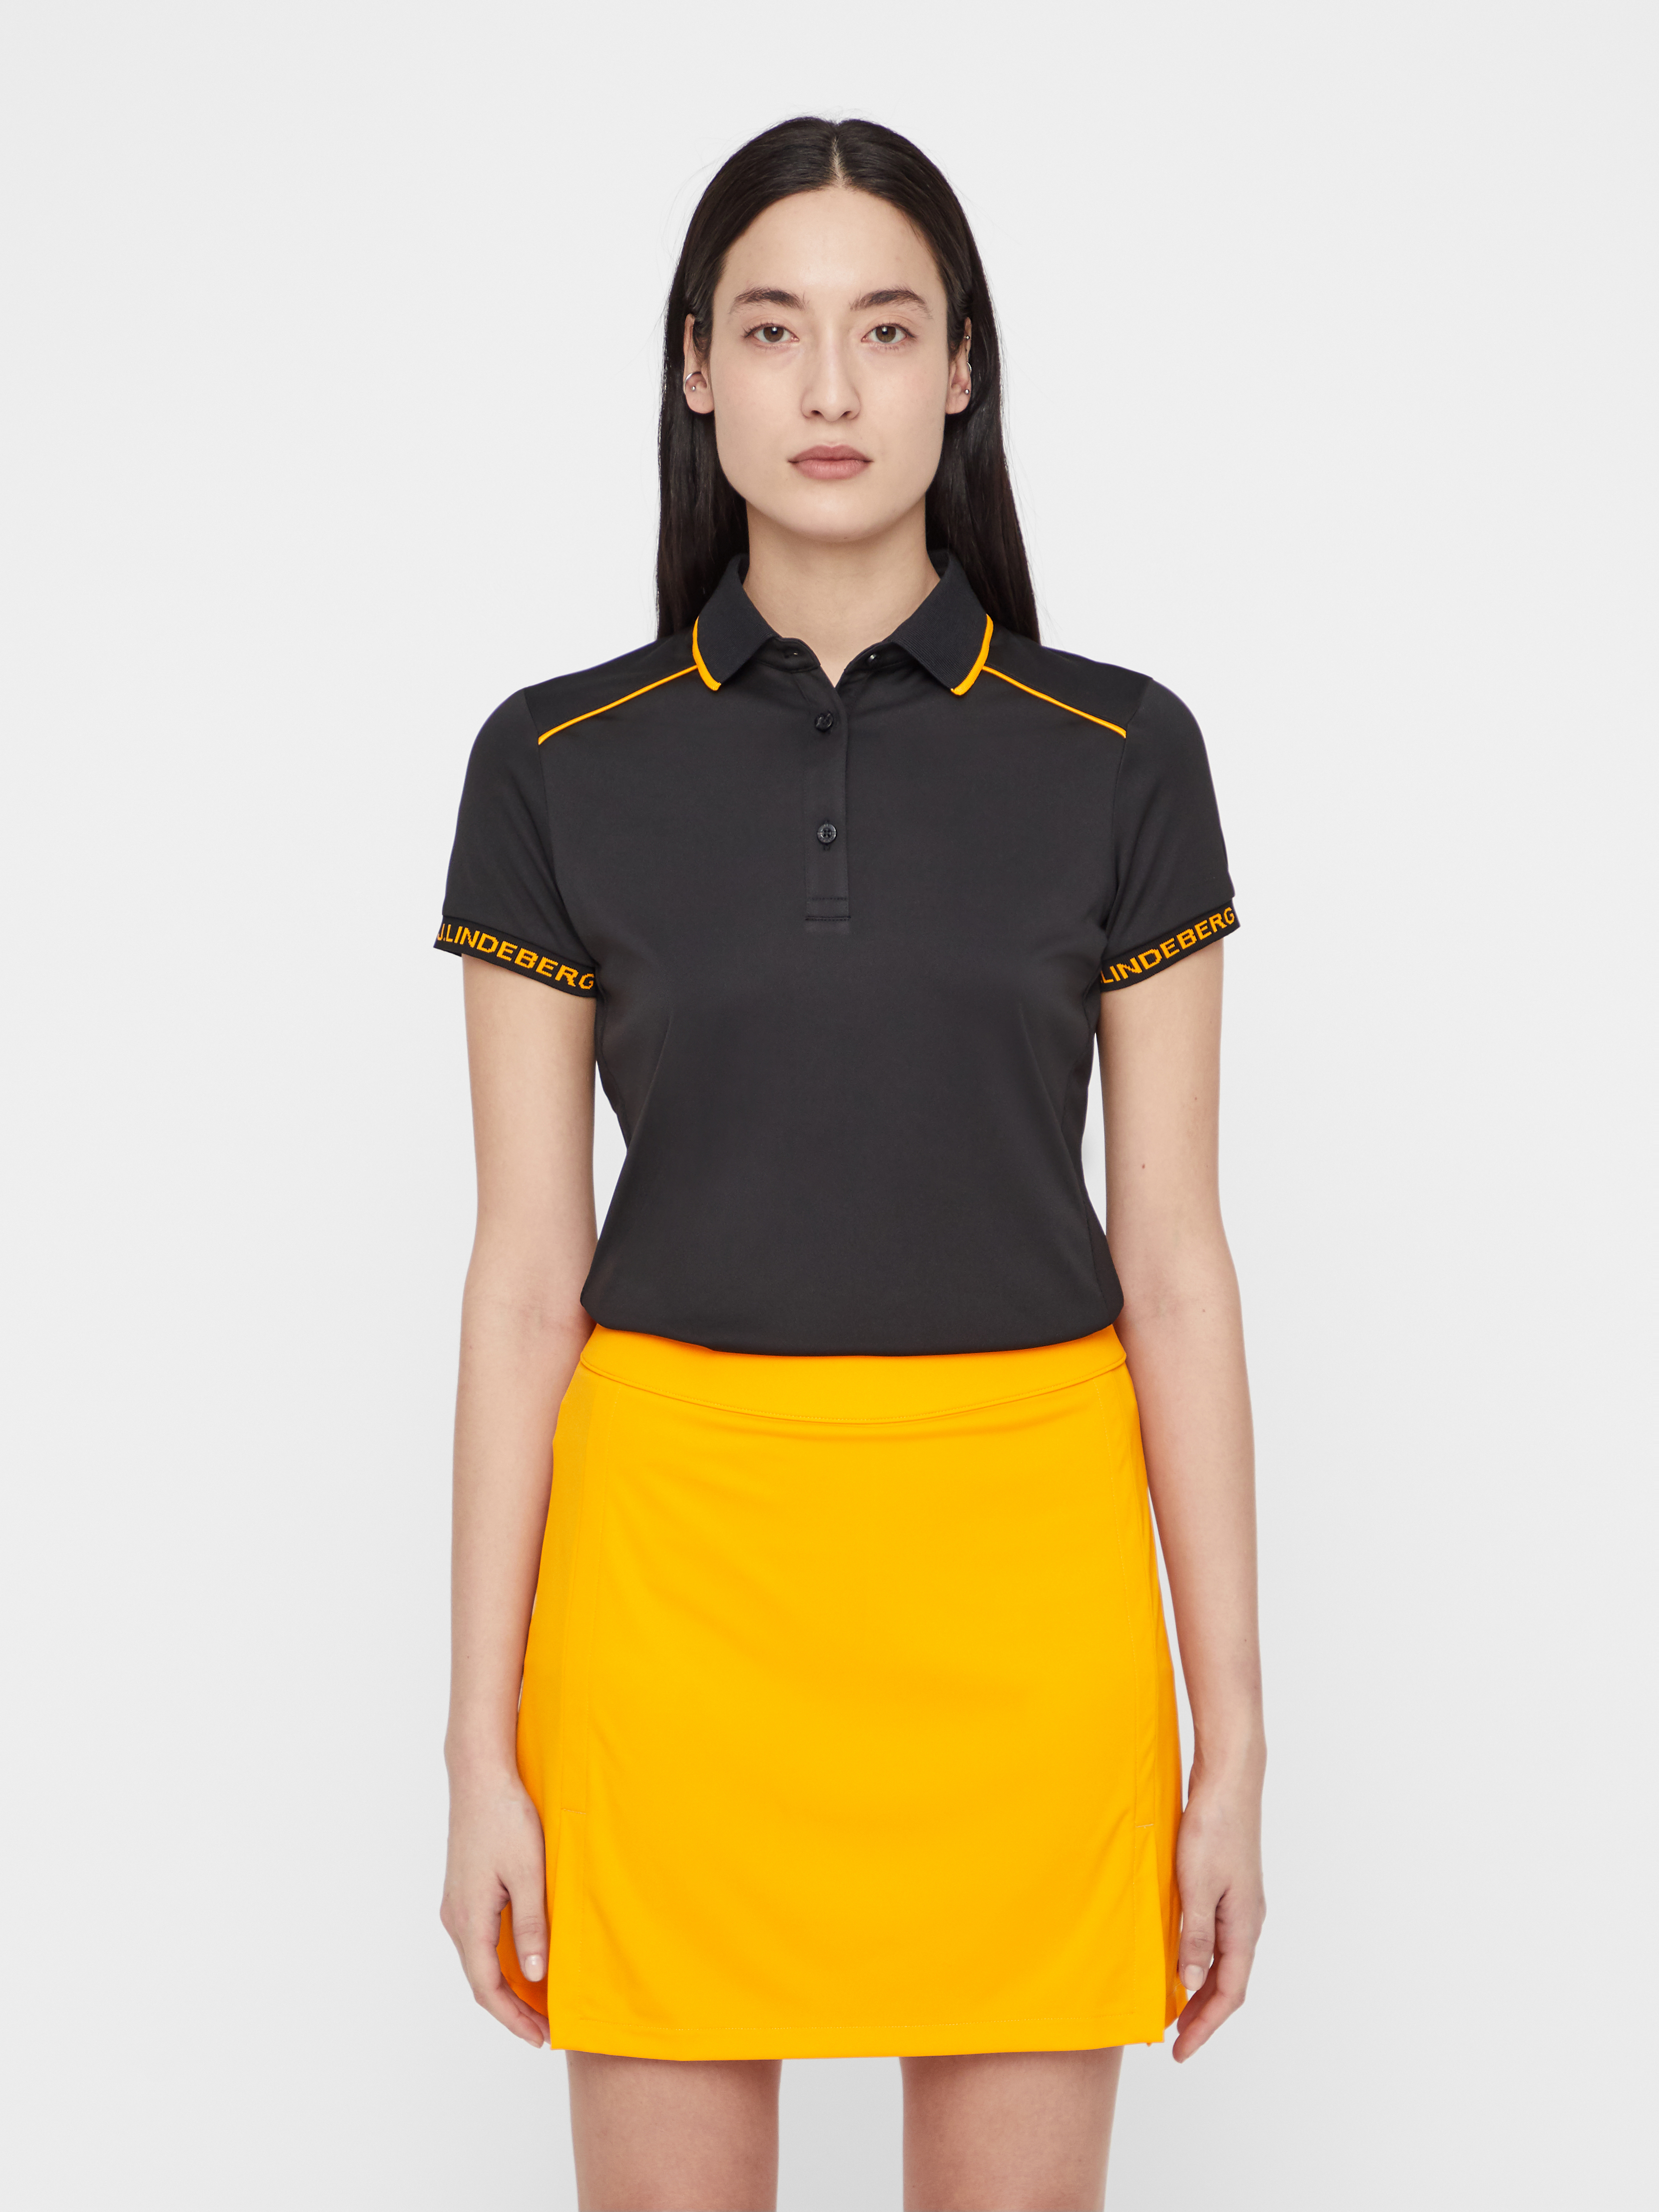 J.Lindeberg Mens Coolmax Polo Shirt